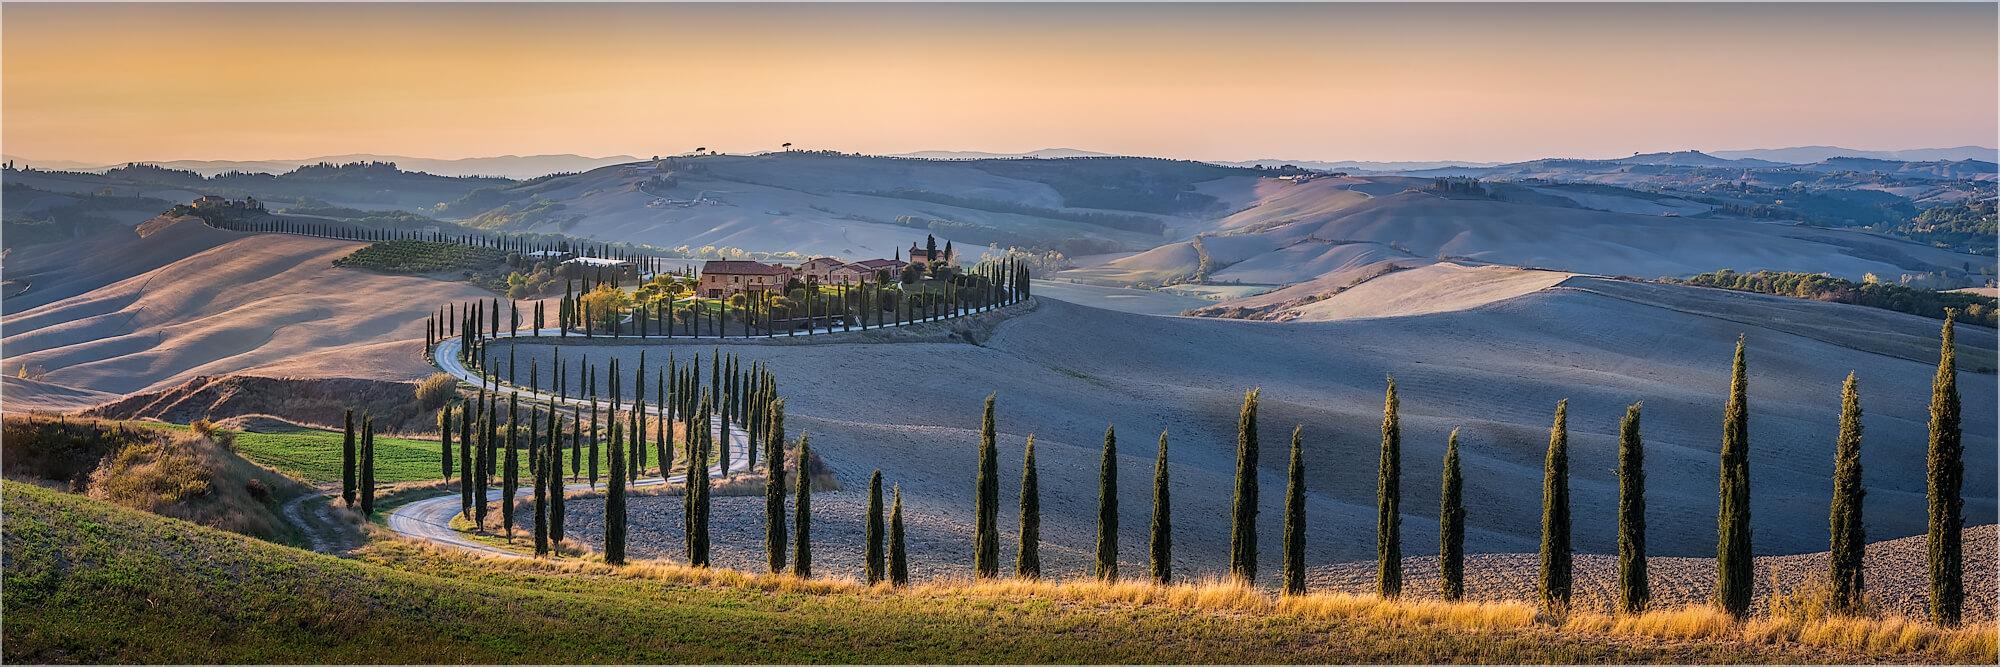 Panoramabild langer Zypressenweg Toskana Italien